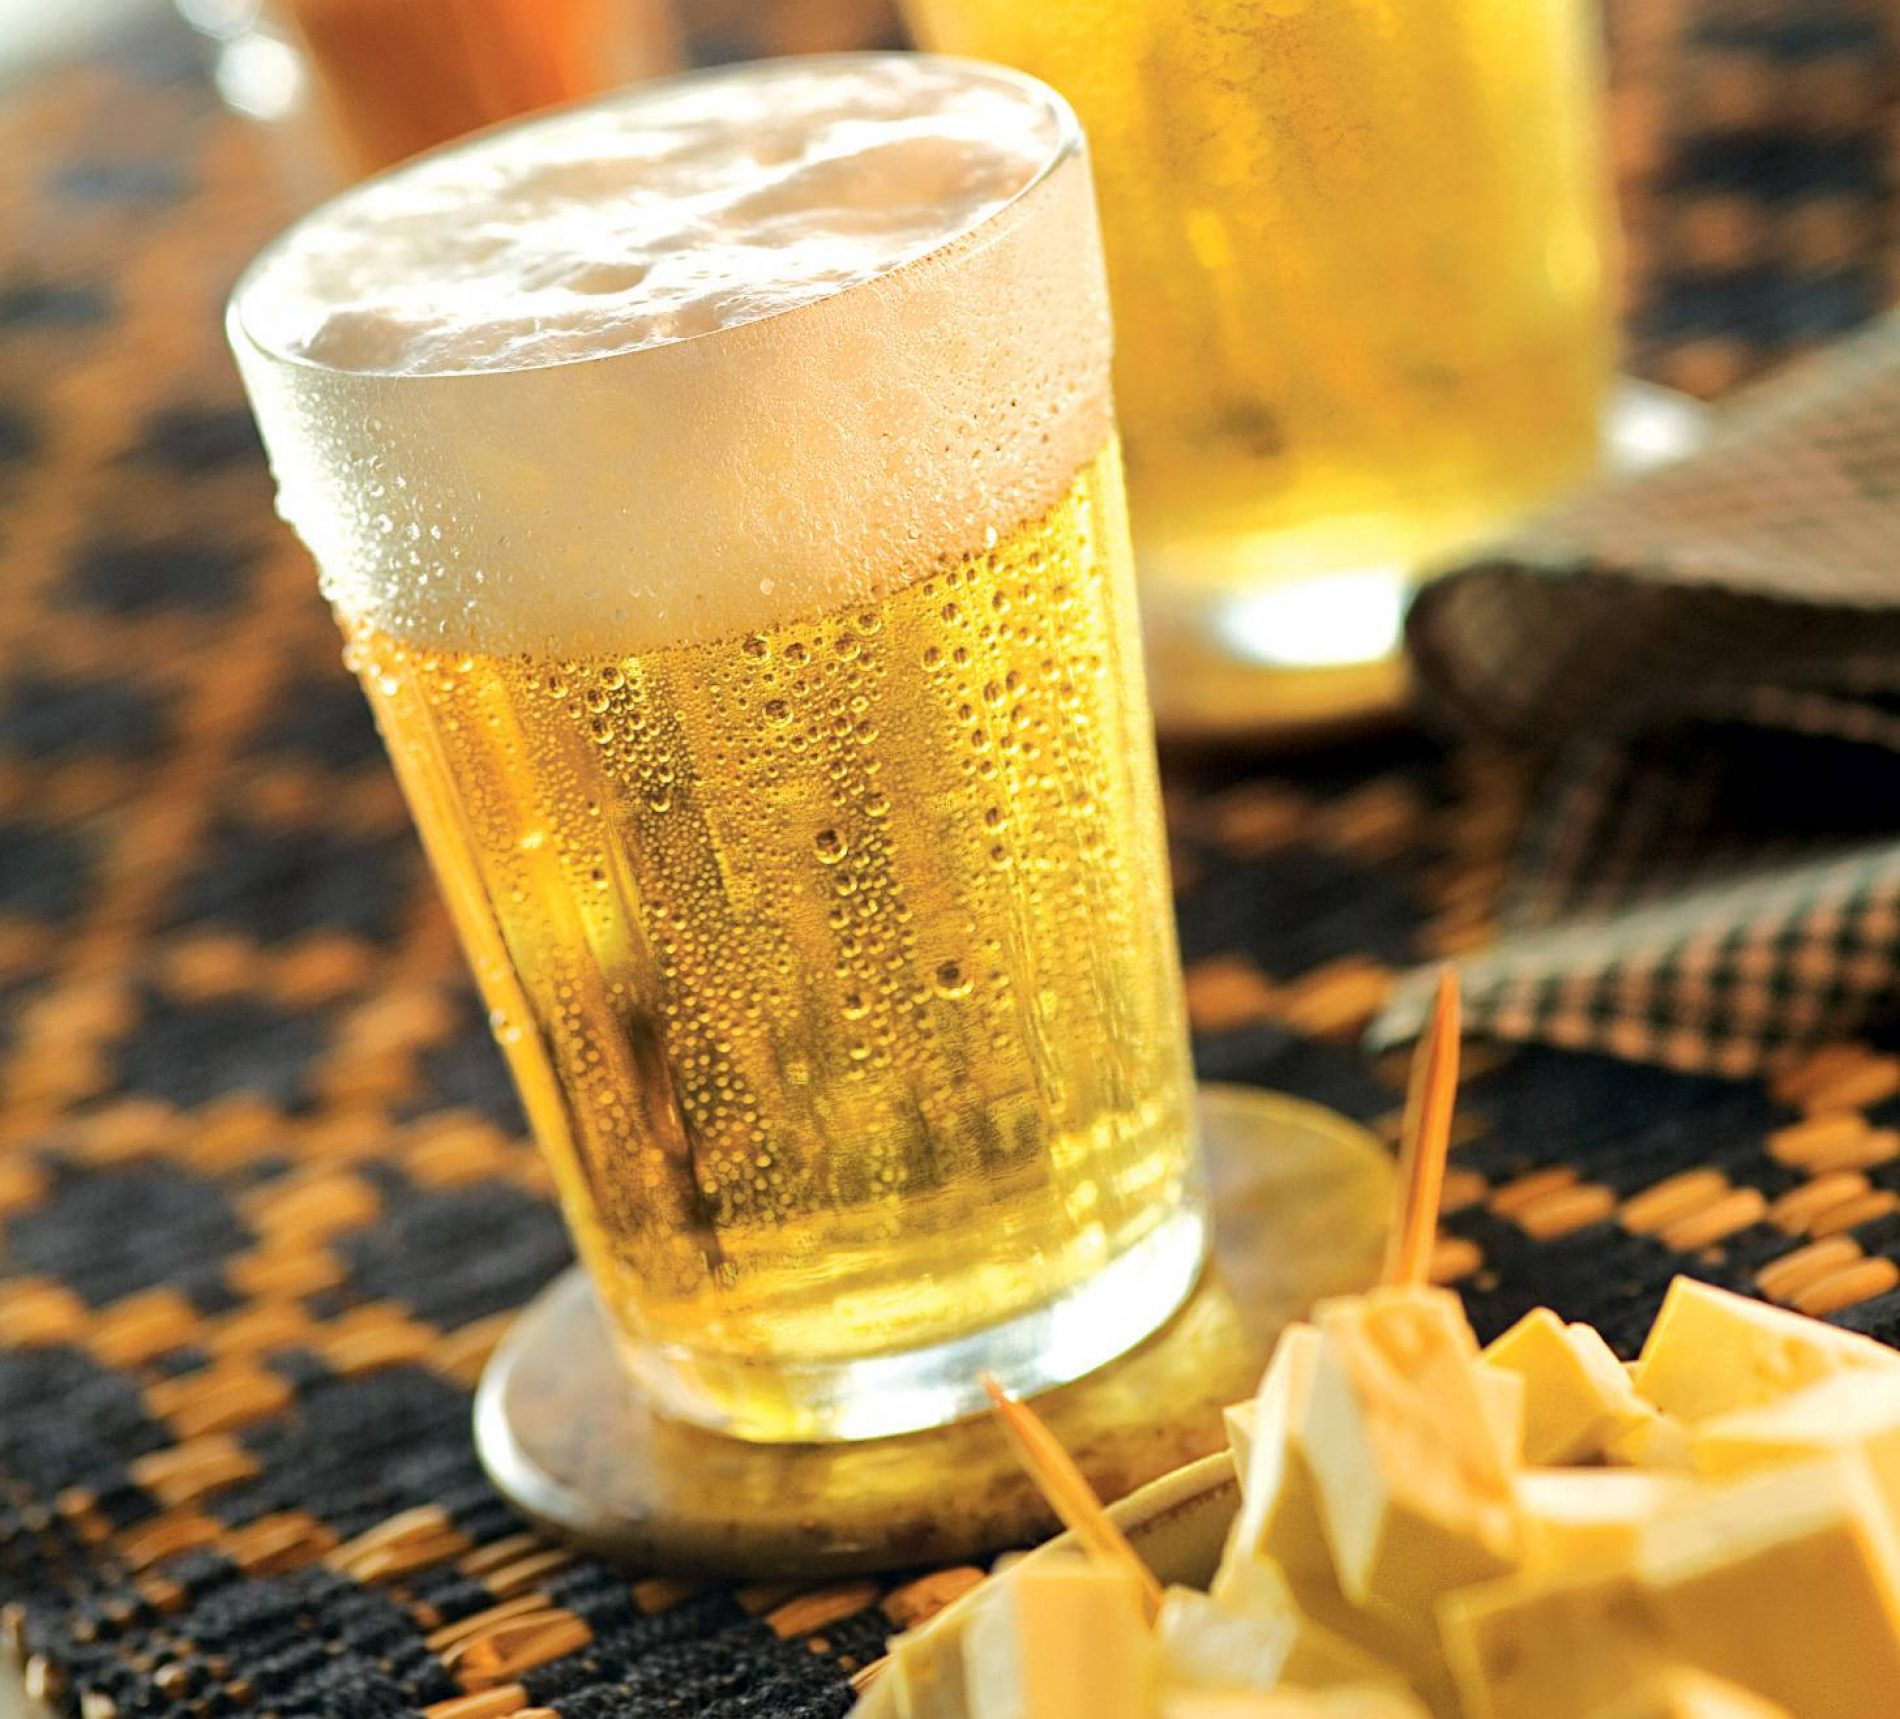 OLÍMPIA: Confeiteiro consome cervejas, lanche e se recusa a pagar a conta